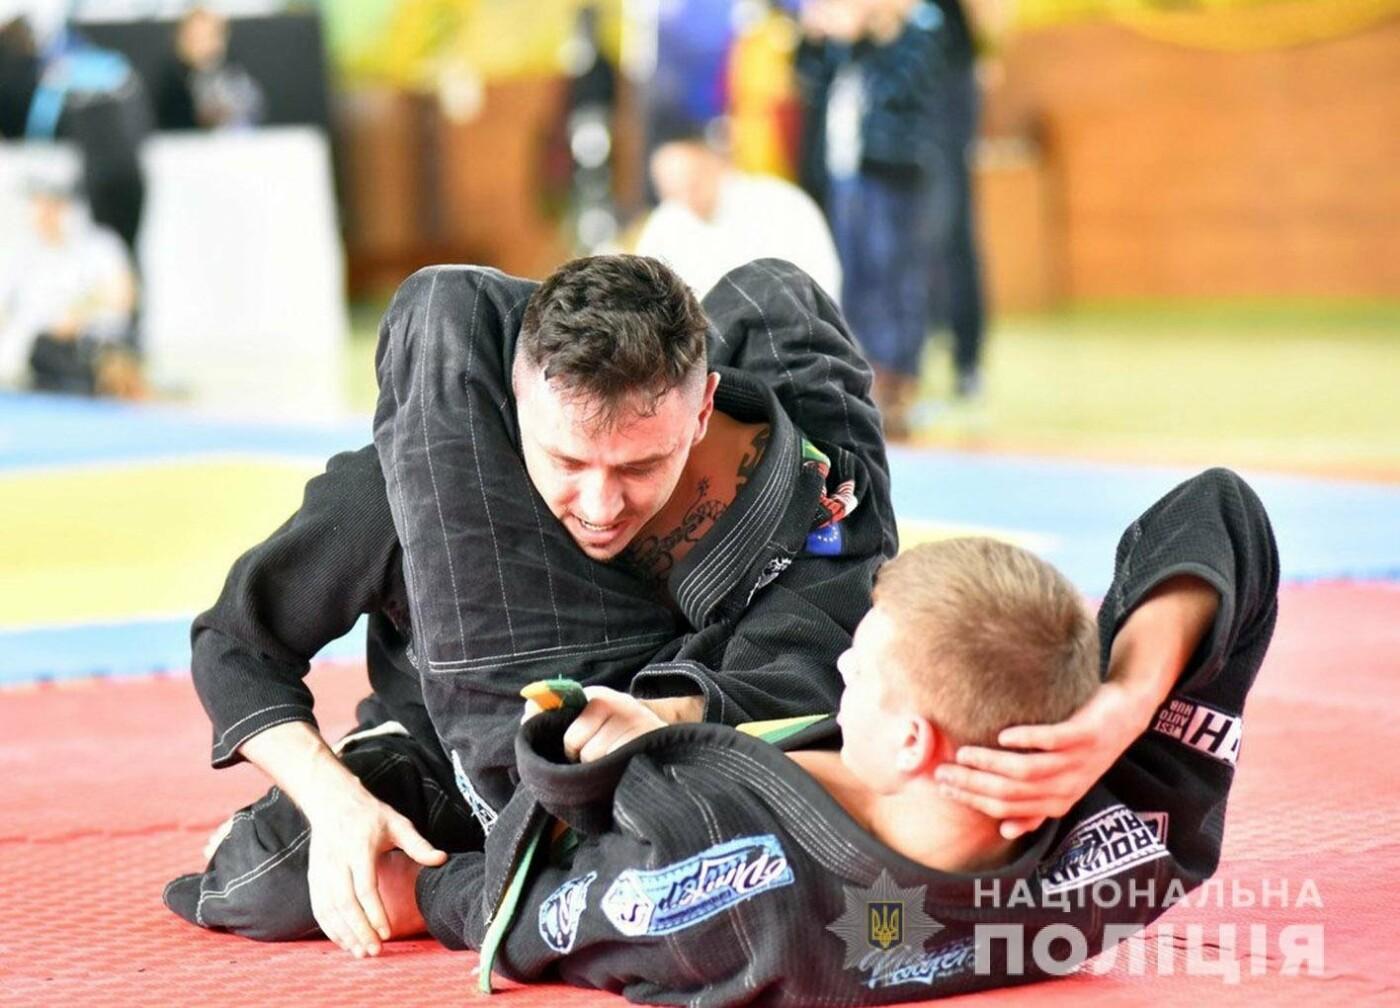 Хмельницький ТОРівець став чемпіоном України з джиу-джитсу, фото-2